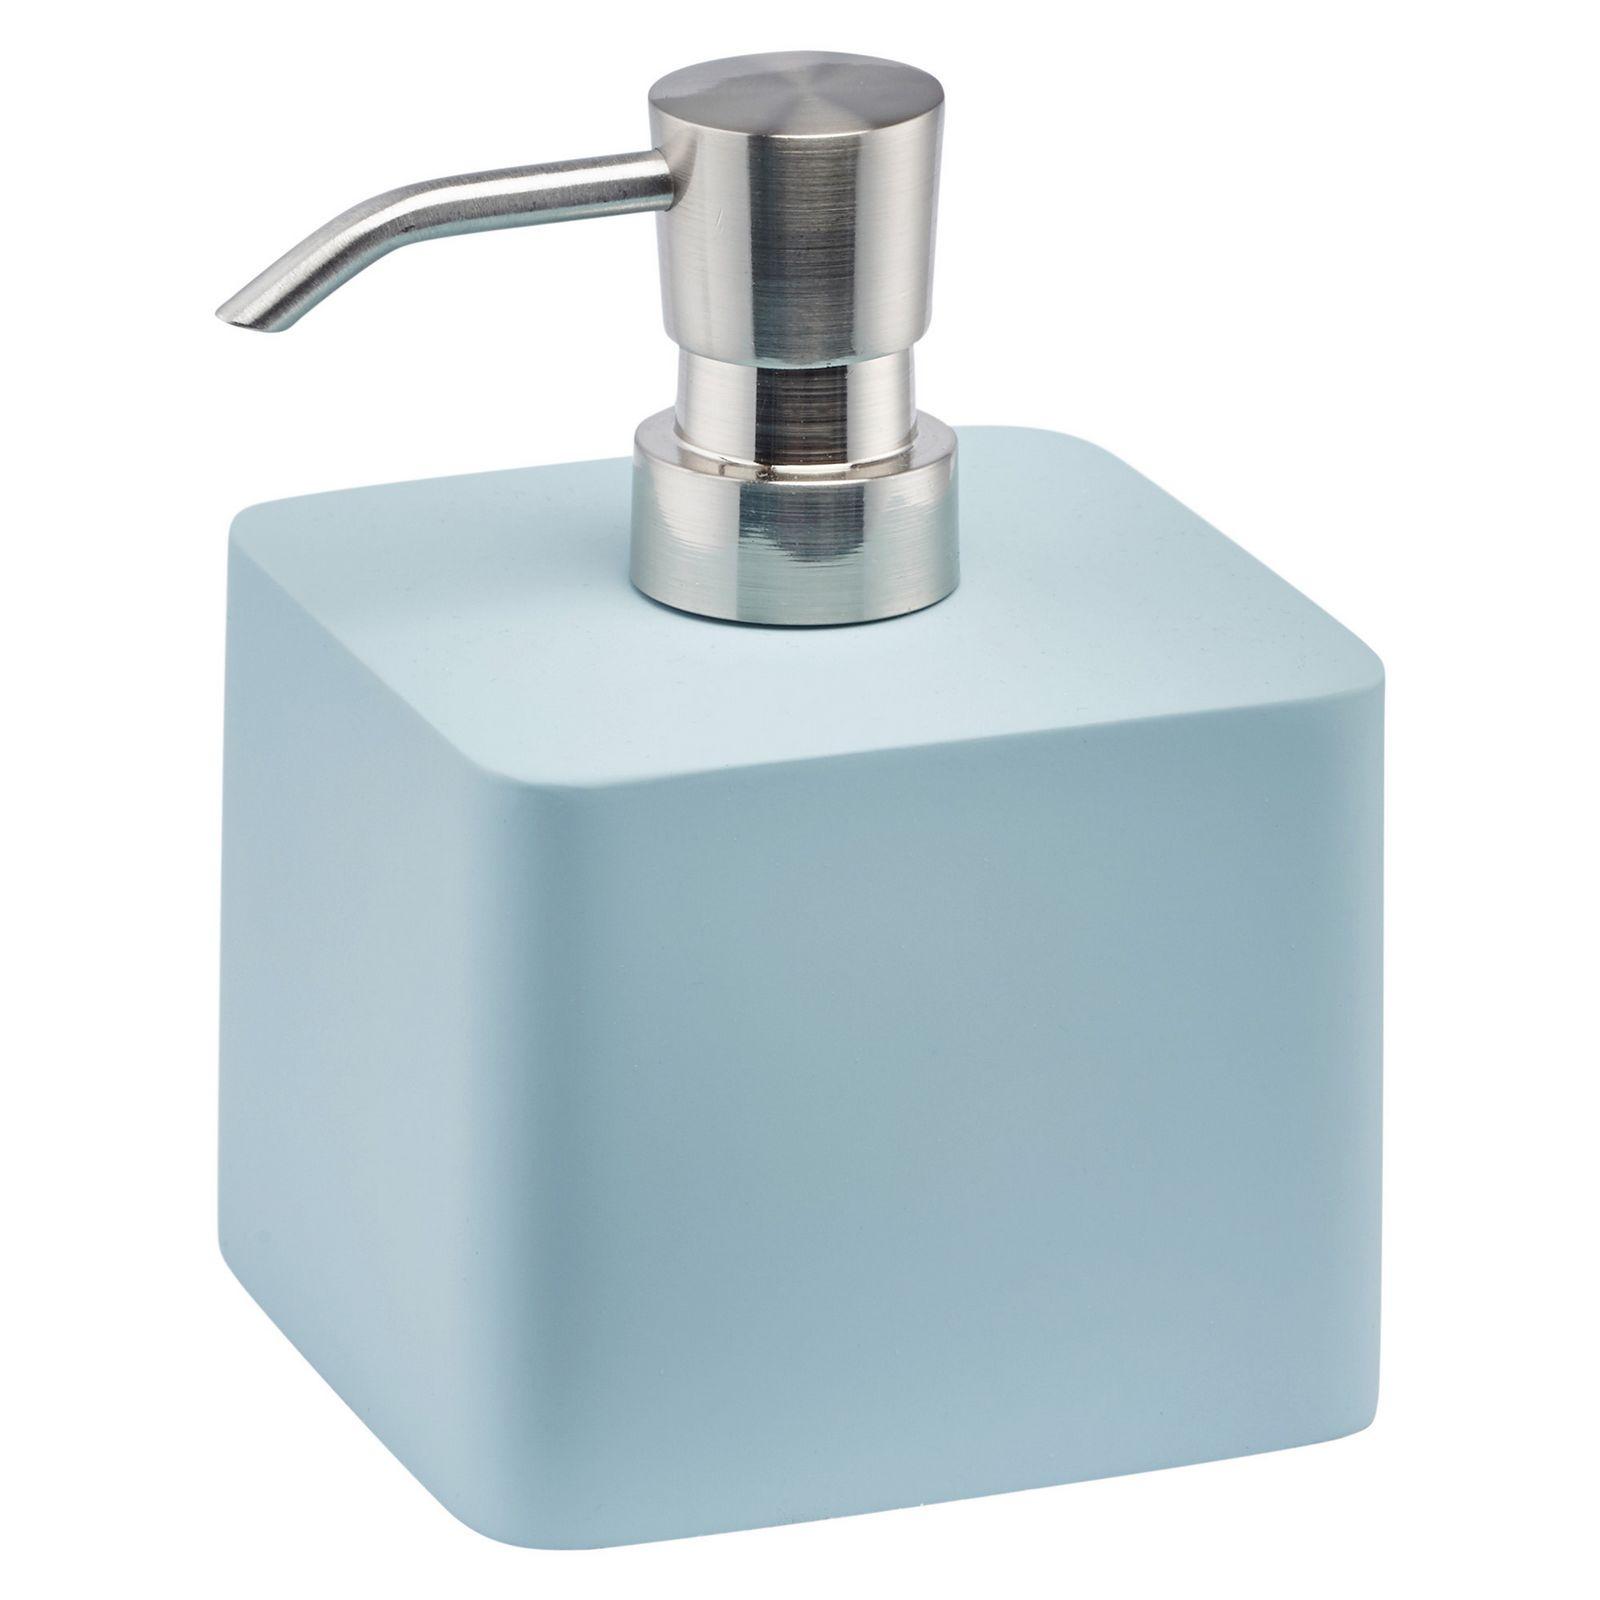 Диспенсер для мыла средний ONAONADIM-369- Материал:полирезина, резиновая отделка, цинк, нержавеющая сталь. Цвет: голубой. Размер: длина 9,5, ширина 9,5, высота 11,8. Aquanova- бельгийский бренд, представляющий стильные аксессуары и текстиль для ванной и дома. Это те необходимые предметы, которые делают дом уютным, отражая индивидуальный характер хозяина. Философия бренда – We love to create the look you like – вдохновляет на создание в доме своего собственного, неповторимого стиля. Дизайнеры бренда Aquanova особенно тщательно продумывают цветовые сочетания аксессуаров для ванной и текстиля, материалы и дизайн предметов: какую бы коллекцию вы ни выбрали, она с лёгкостью впишется в ваш интерьер. Привычные дозатор для мыла, стакан для зубных щеток или корзина для белья в исполнении бренда Aquanova превращаются в поистине дизайнерские предметы, которые придадут вашему дому особый стиль.